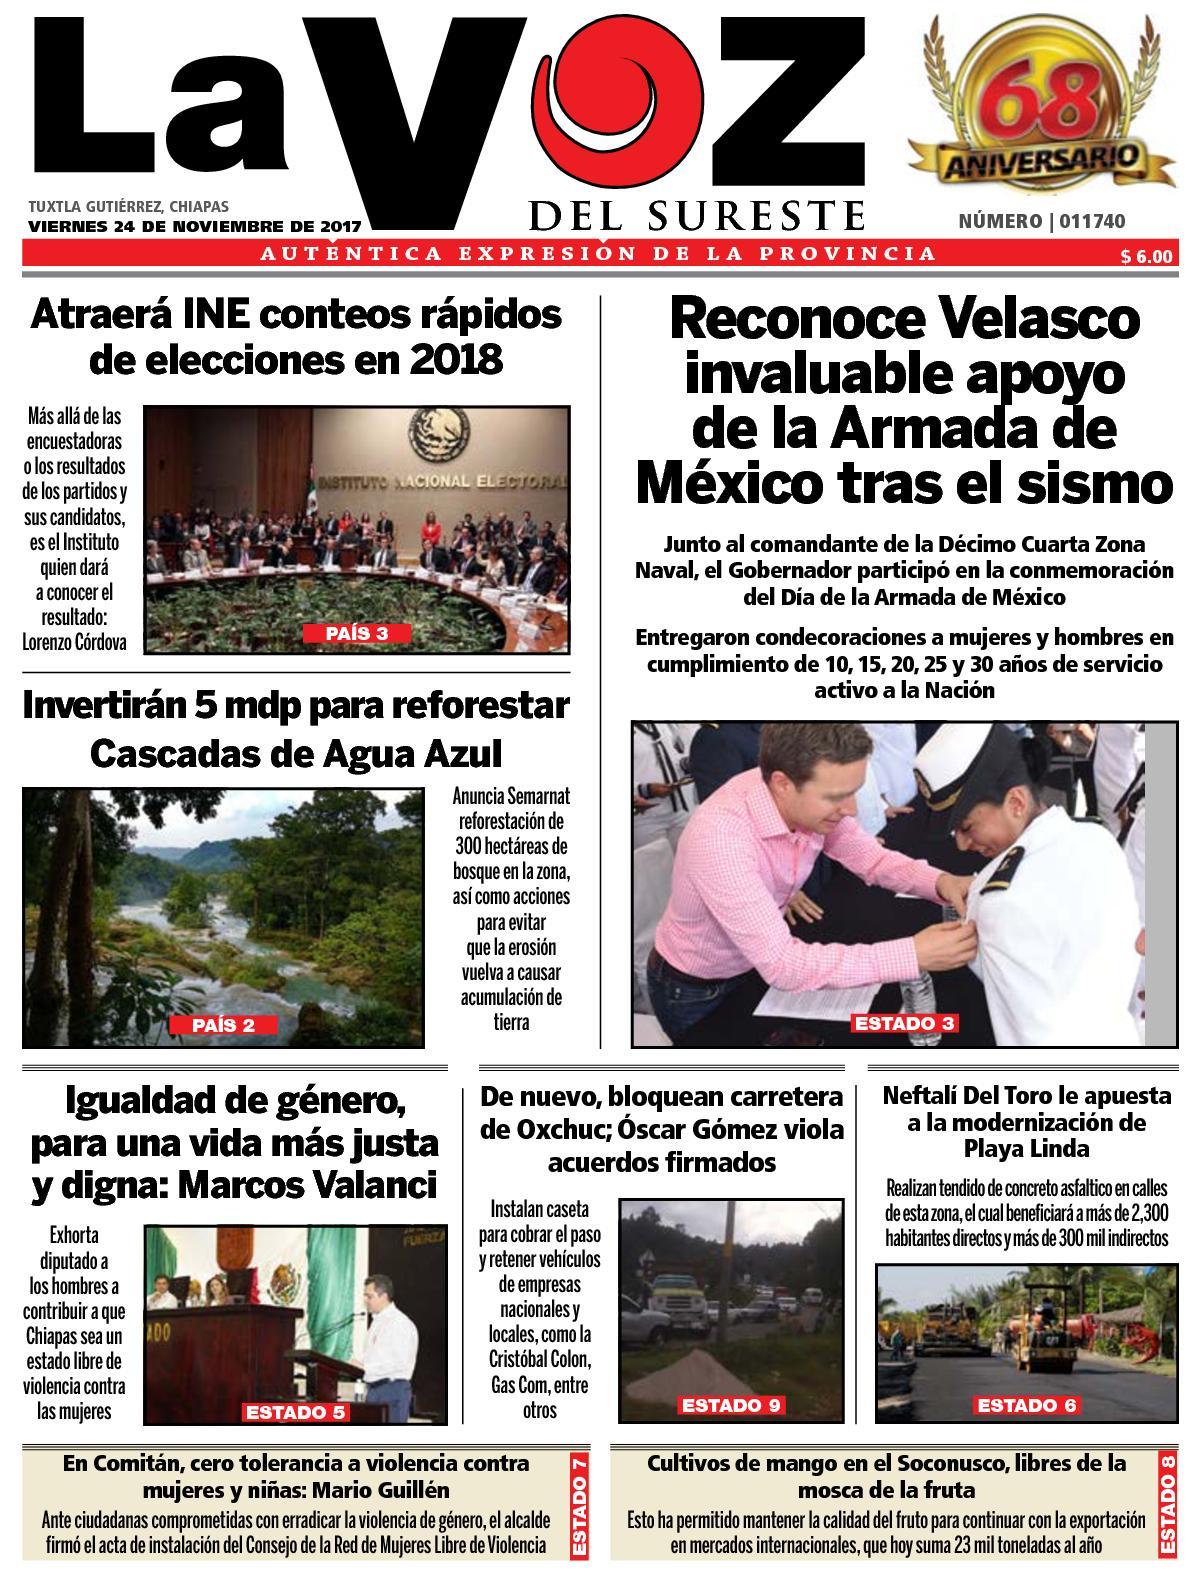 Calaméo - Diario La Voz del Sureste 12cad6910fa63